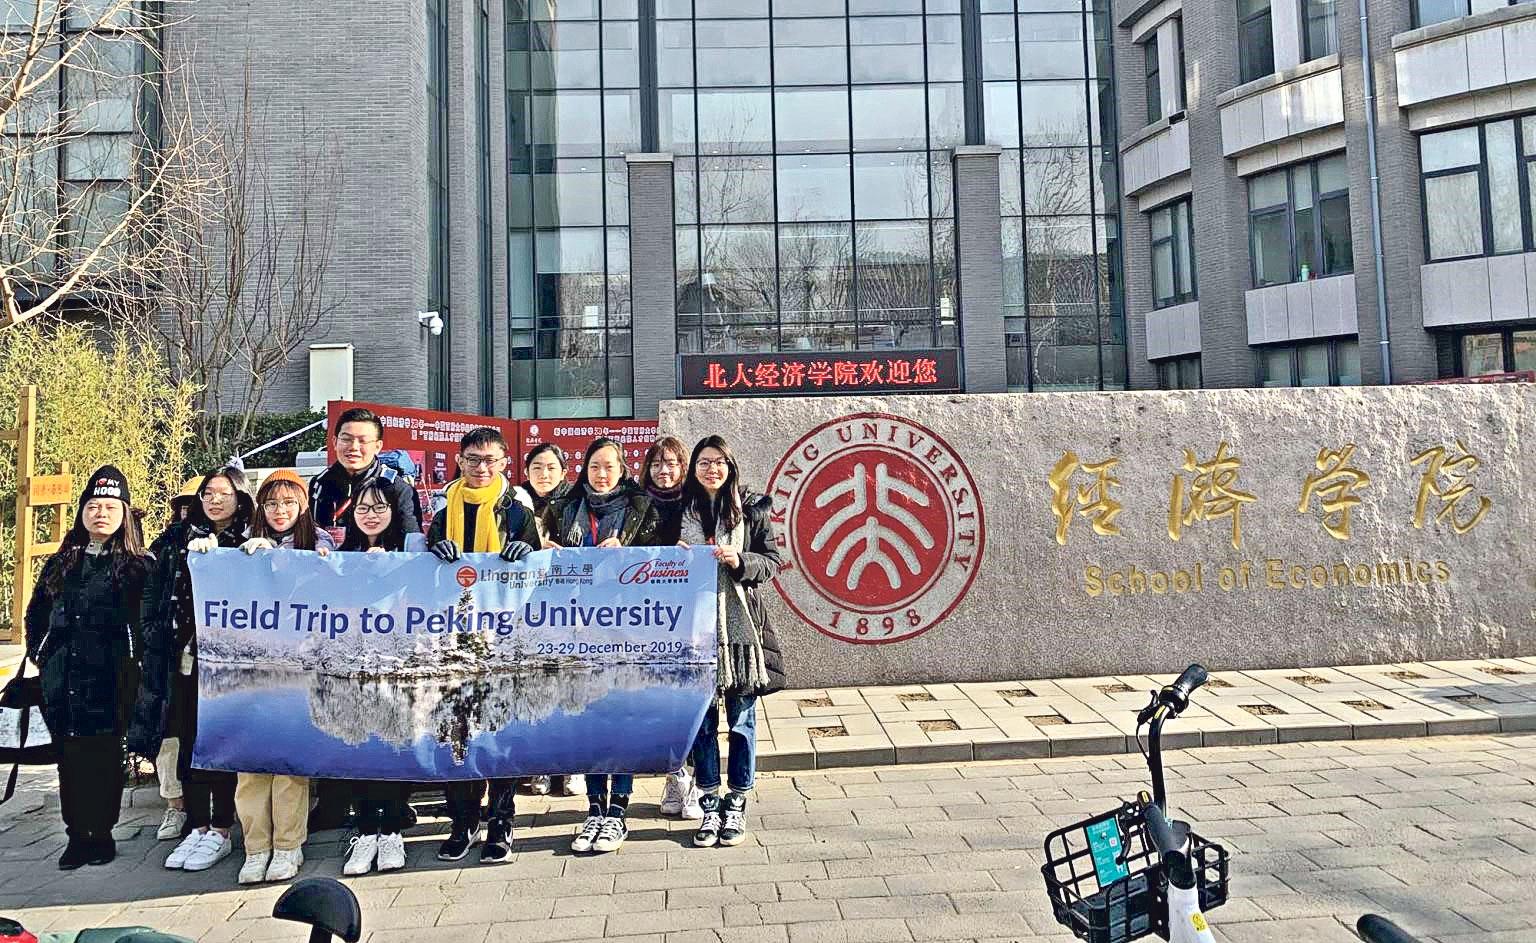 同學前往北京大學考察交流。